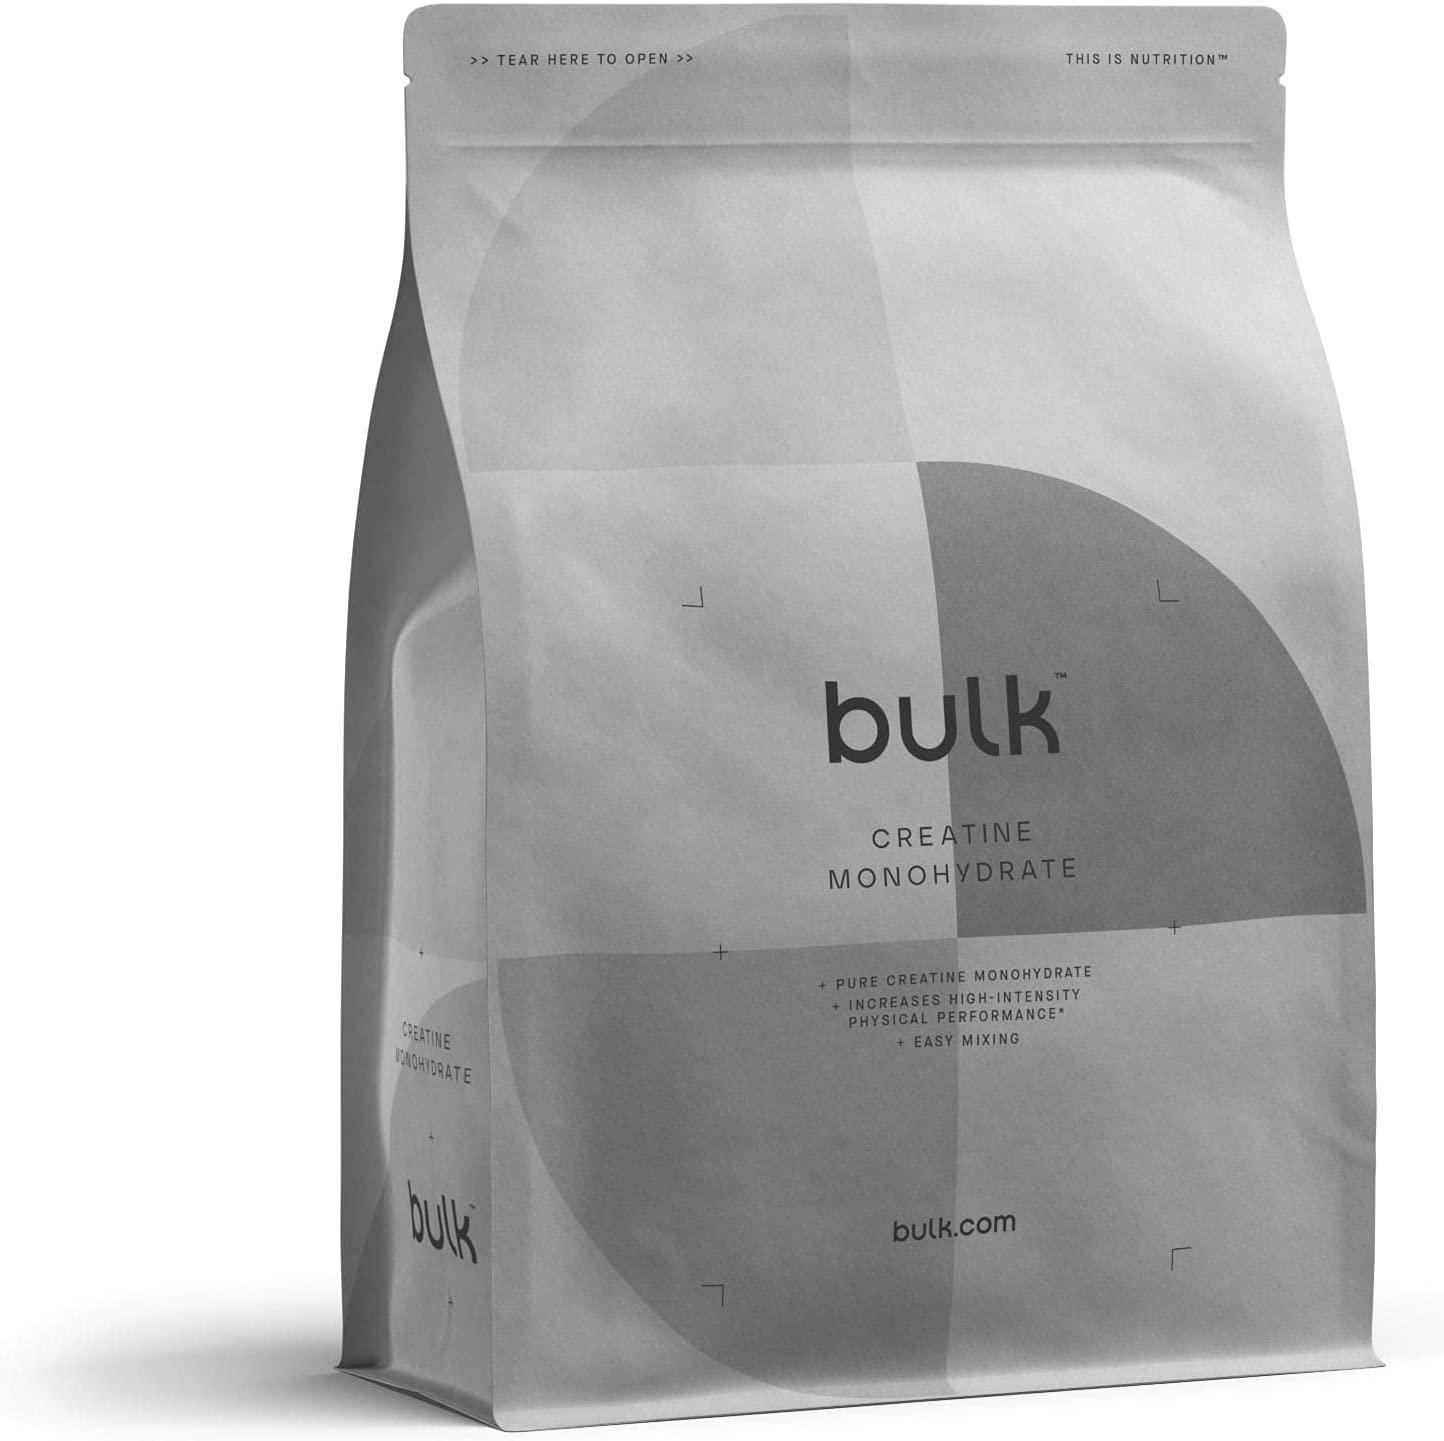 Bulk Creatine Monohydrate Powder, Pure Unflavoured, 500g - £2.19 Prime / +£4.49 non Prime (£1.97 S&S) @ Amazon